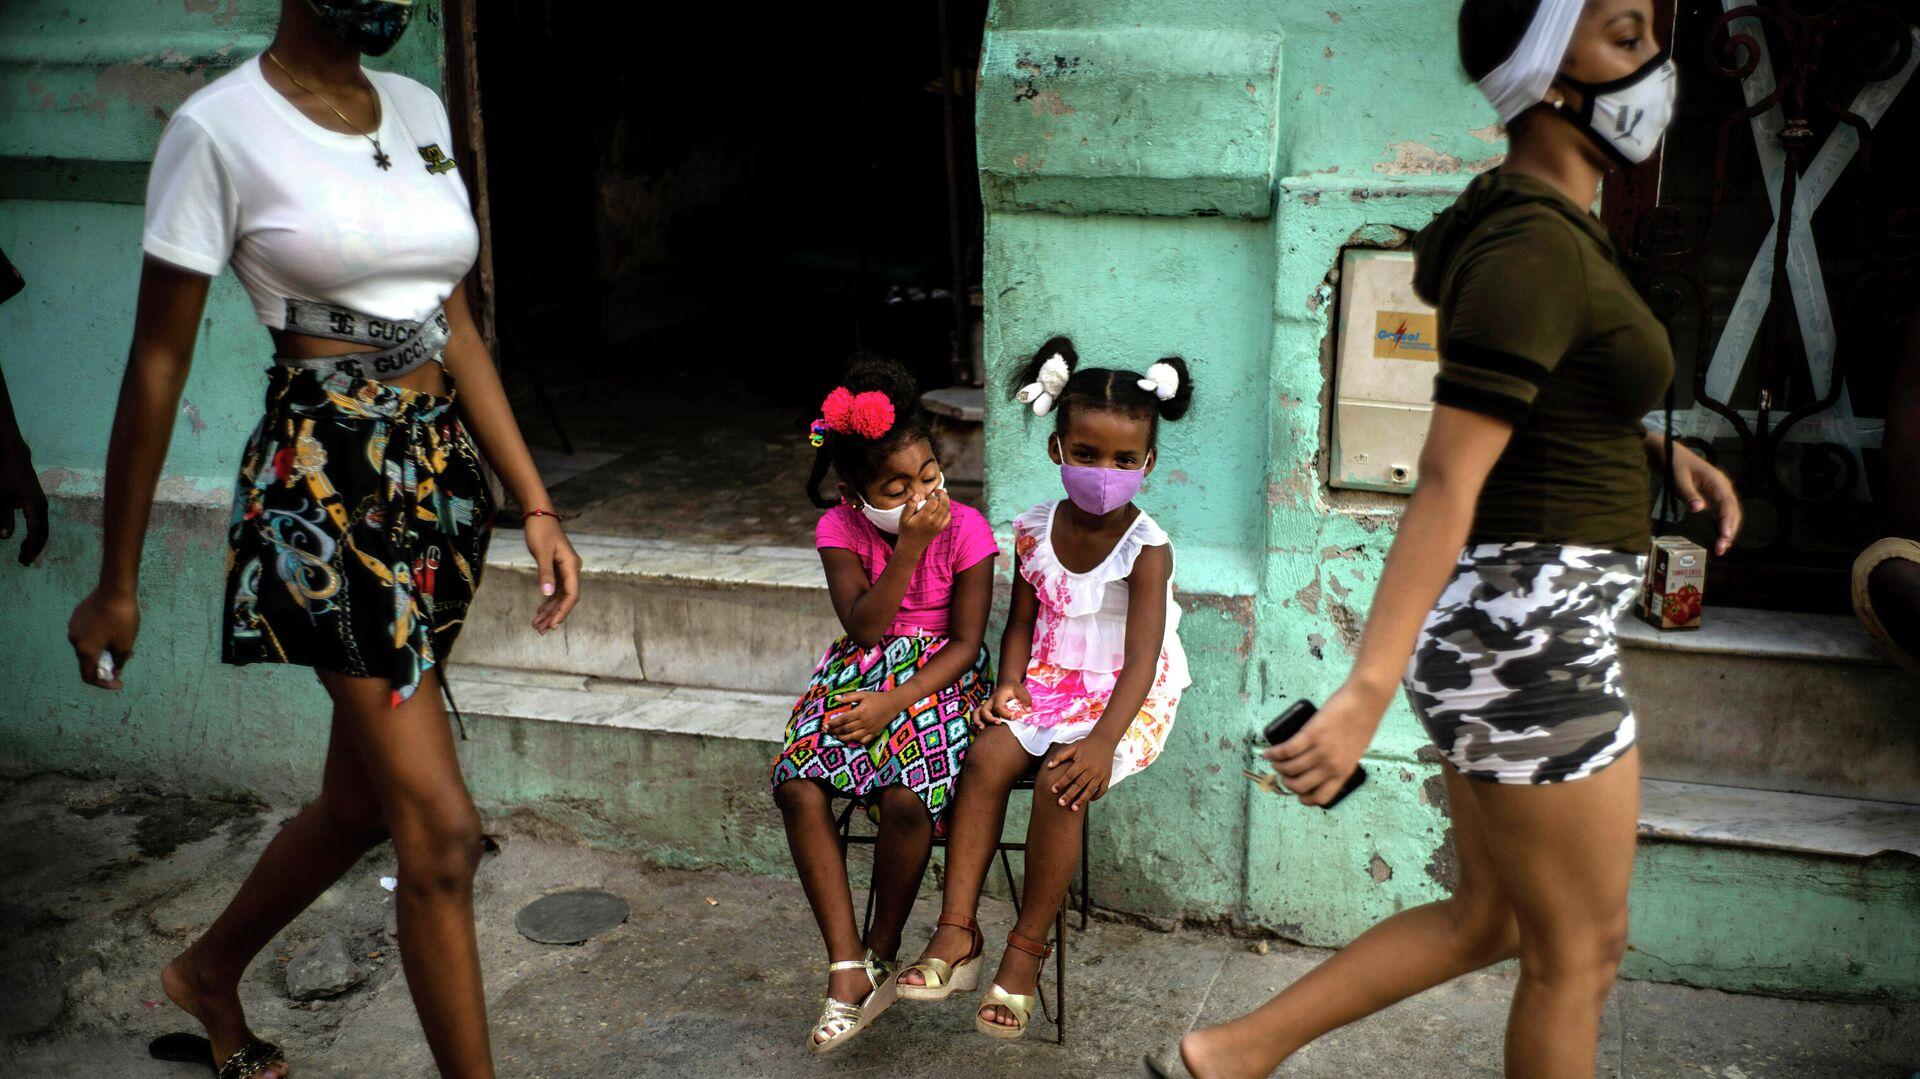 Девочки в защитных масках ждут своих родителей на улице Гаваны - РИА Новости, 1920, 05.09.2021